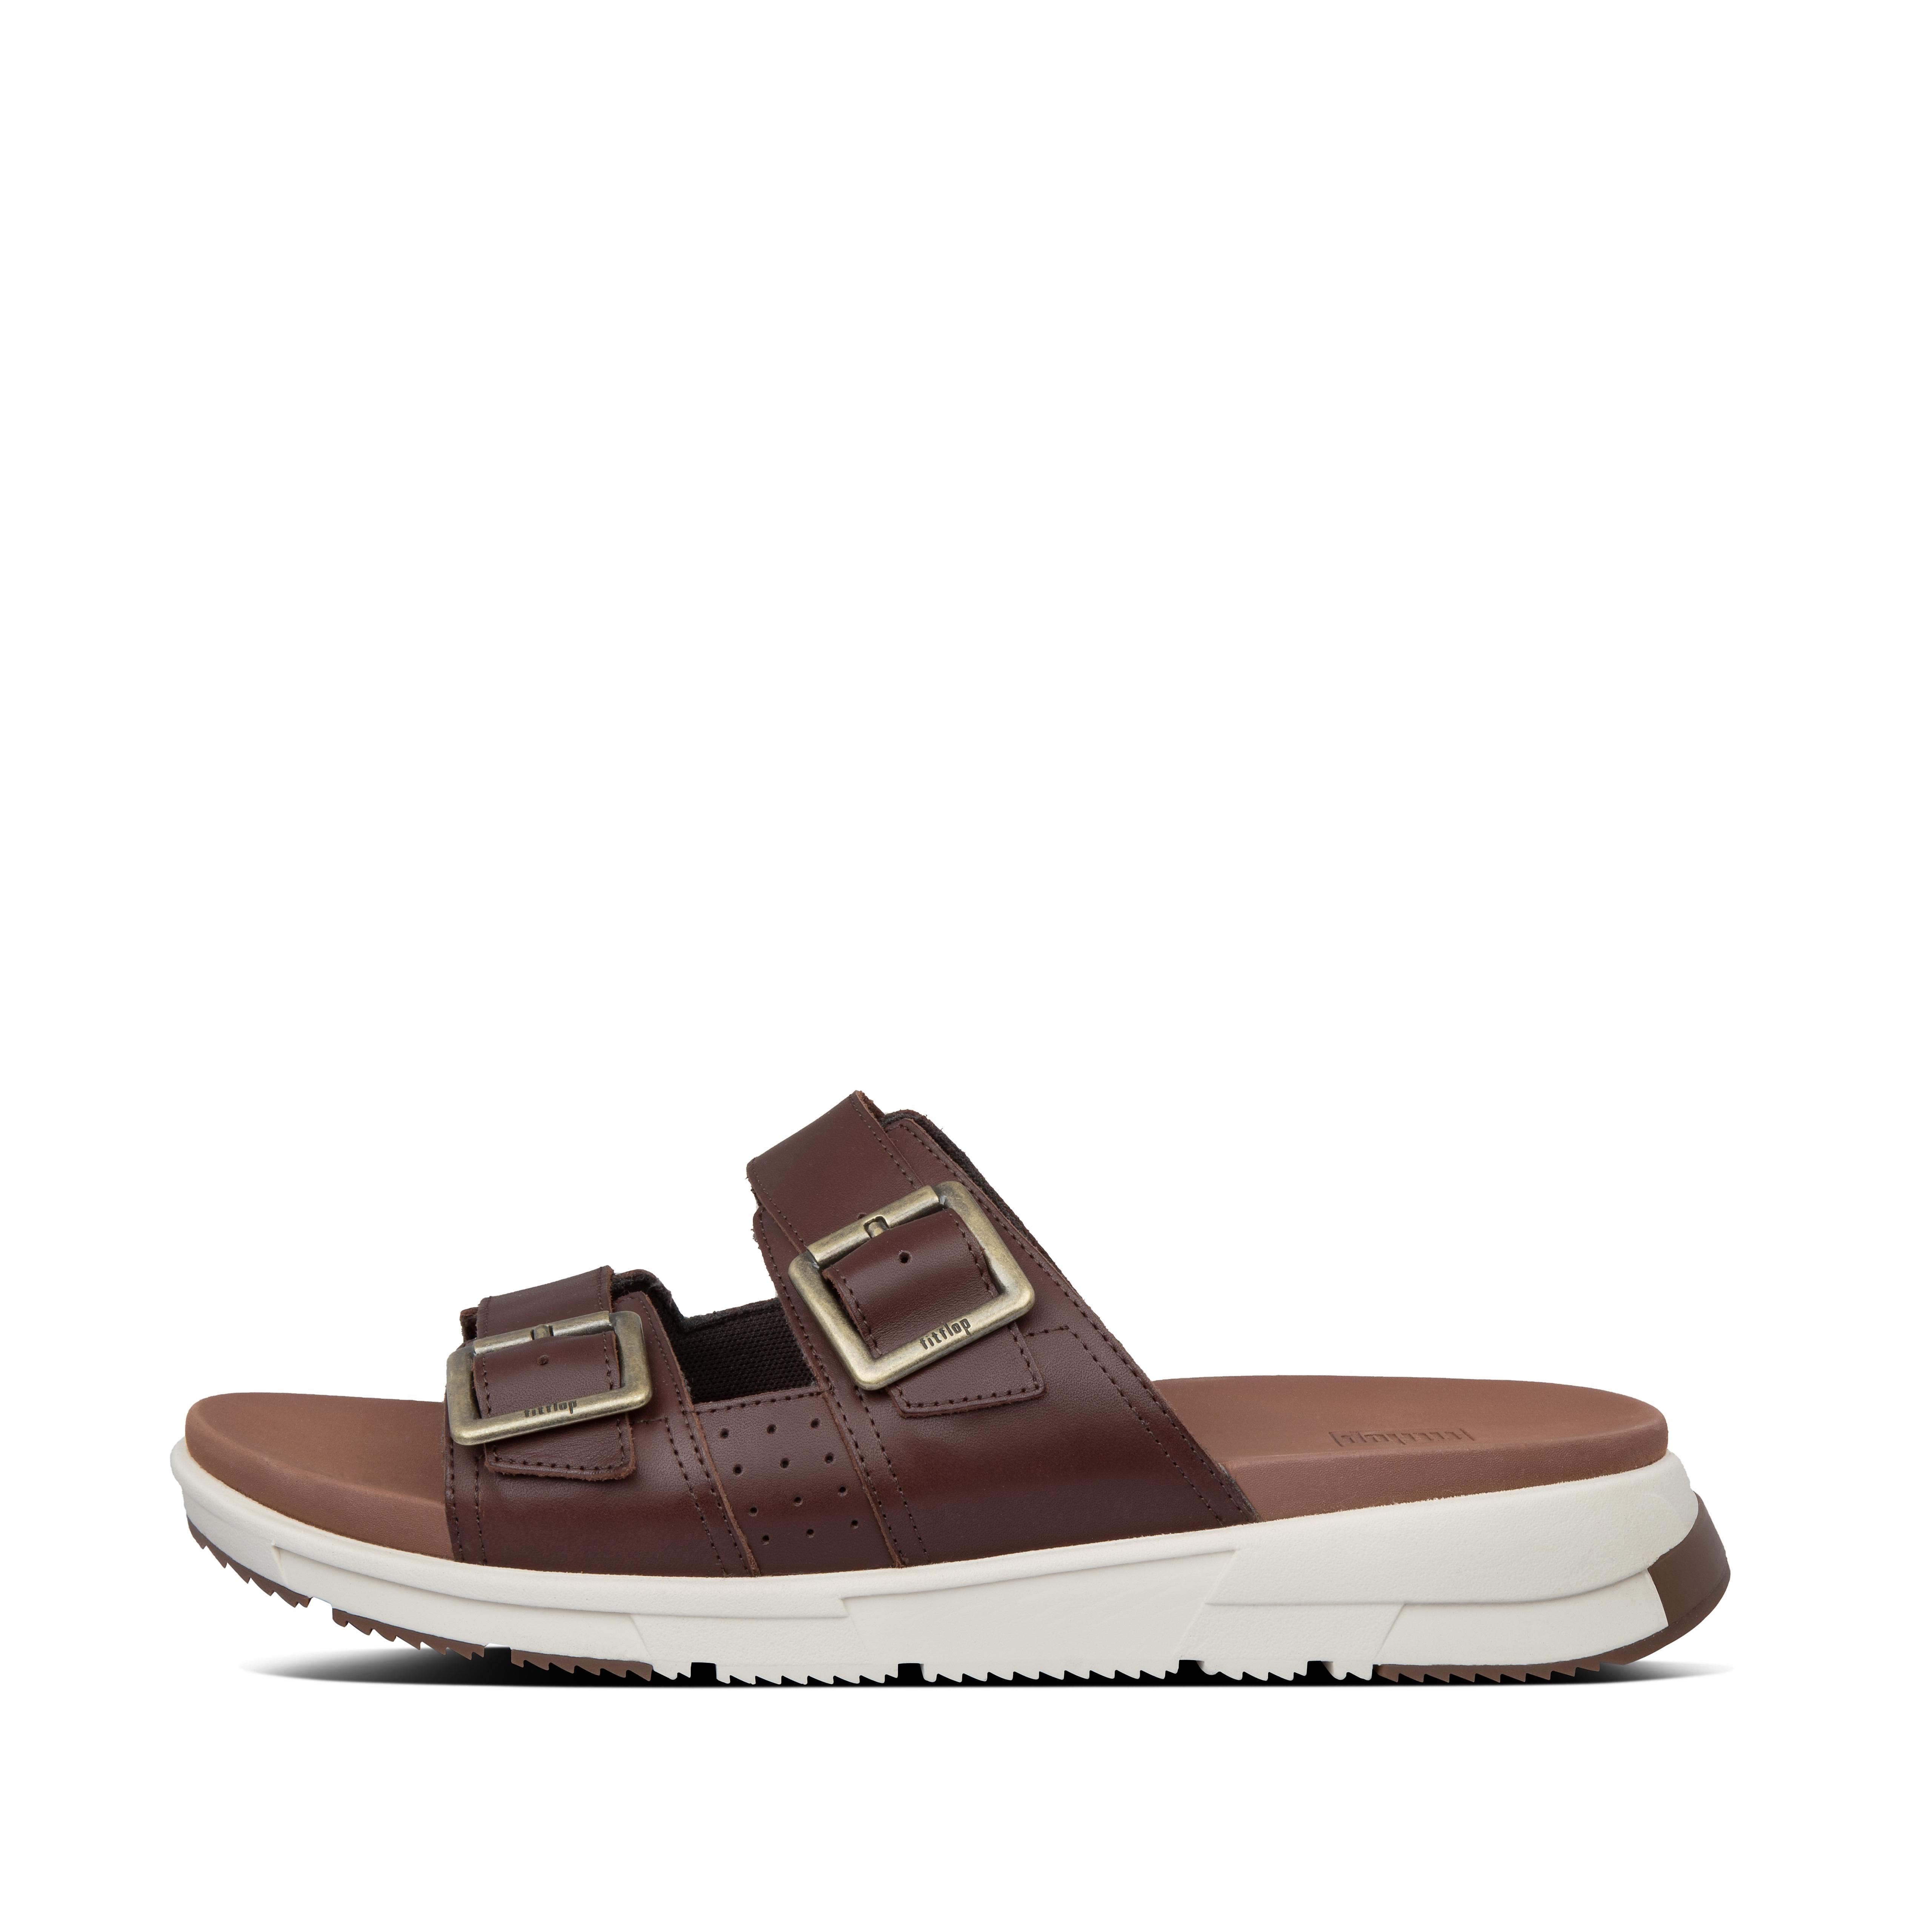 핏플랍 ARLO 슬리퍼 Mens Arlo Leather Slides,Cognac